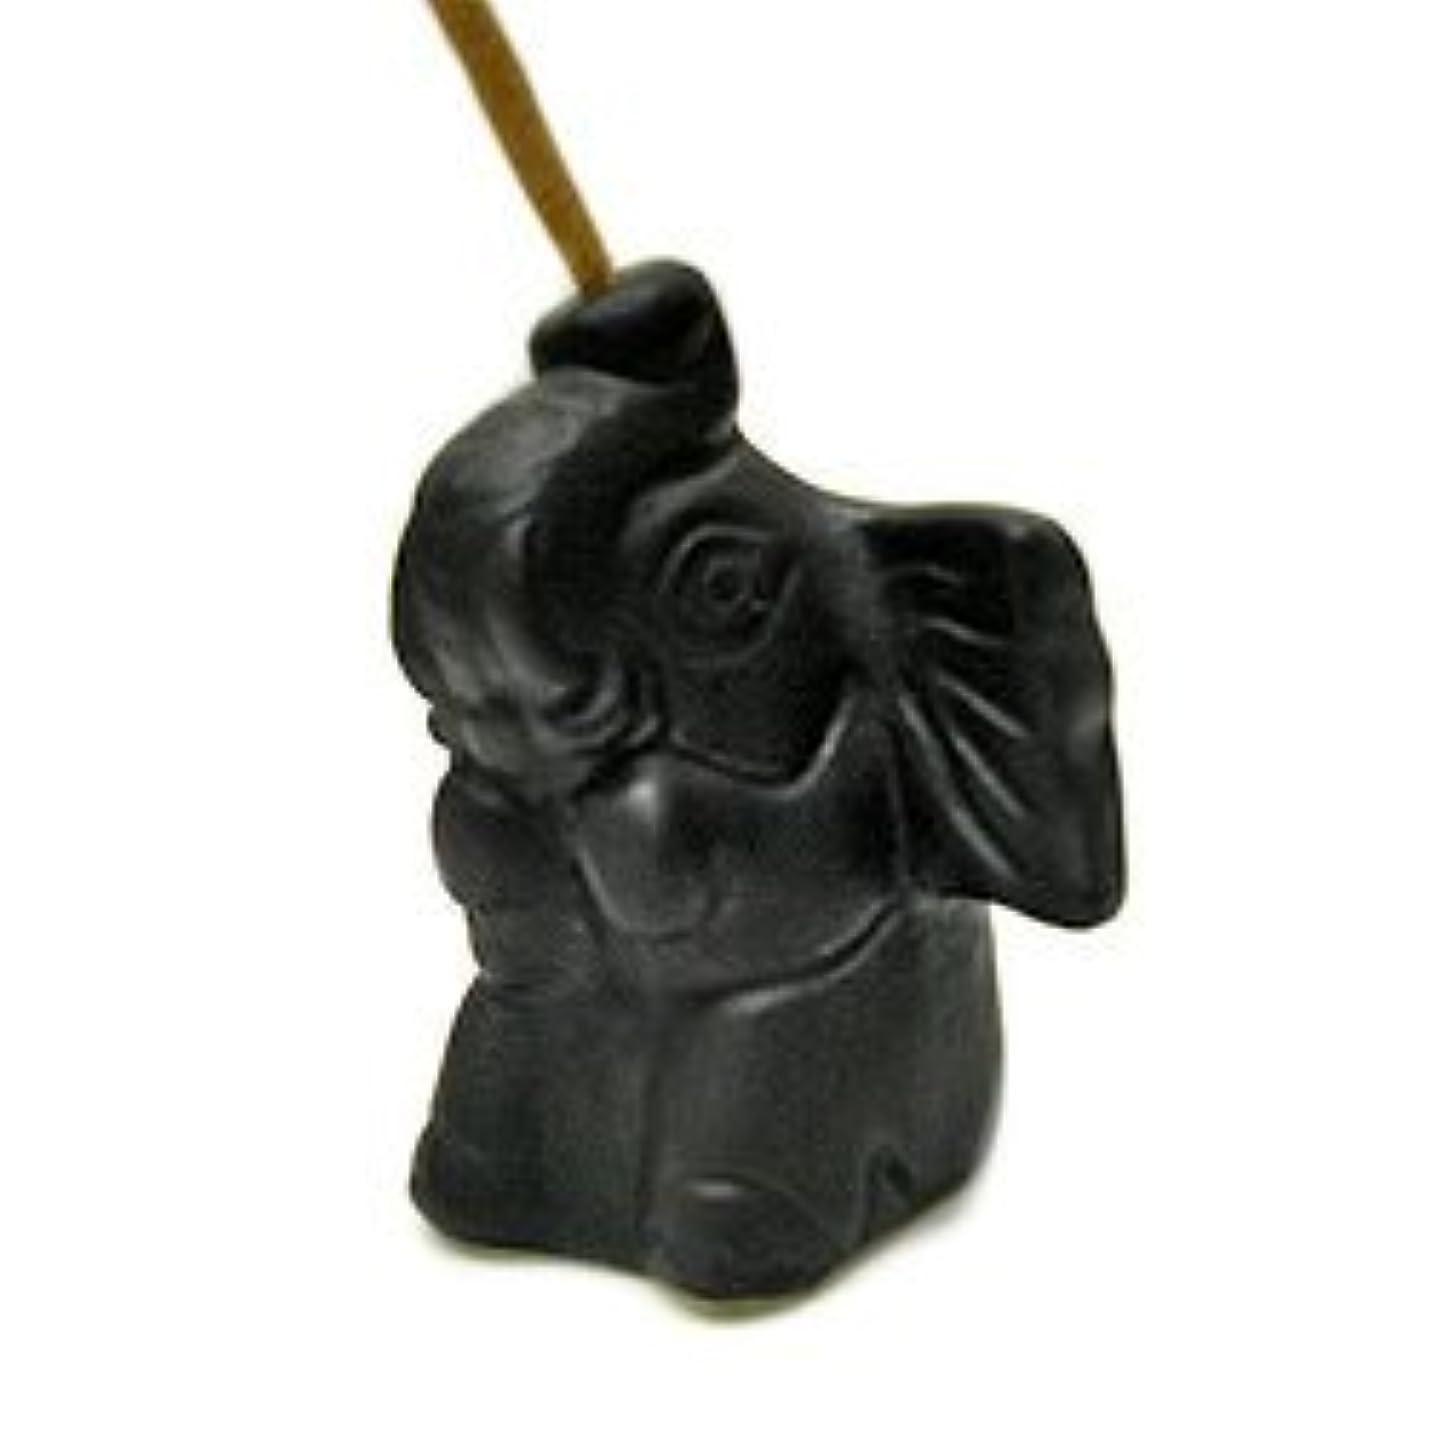 魔術ウールコウモリ象さんのお香立て <黒> インセンスホルダー/スティックタイプ用お香立て?お香たて アジアン雑貨